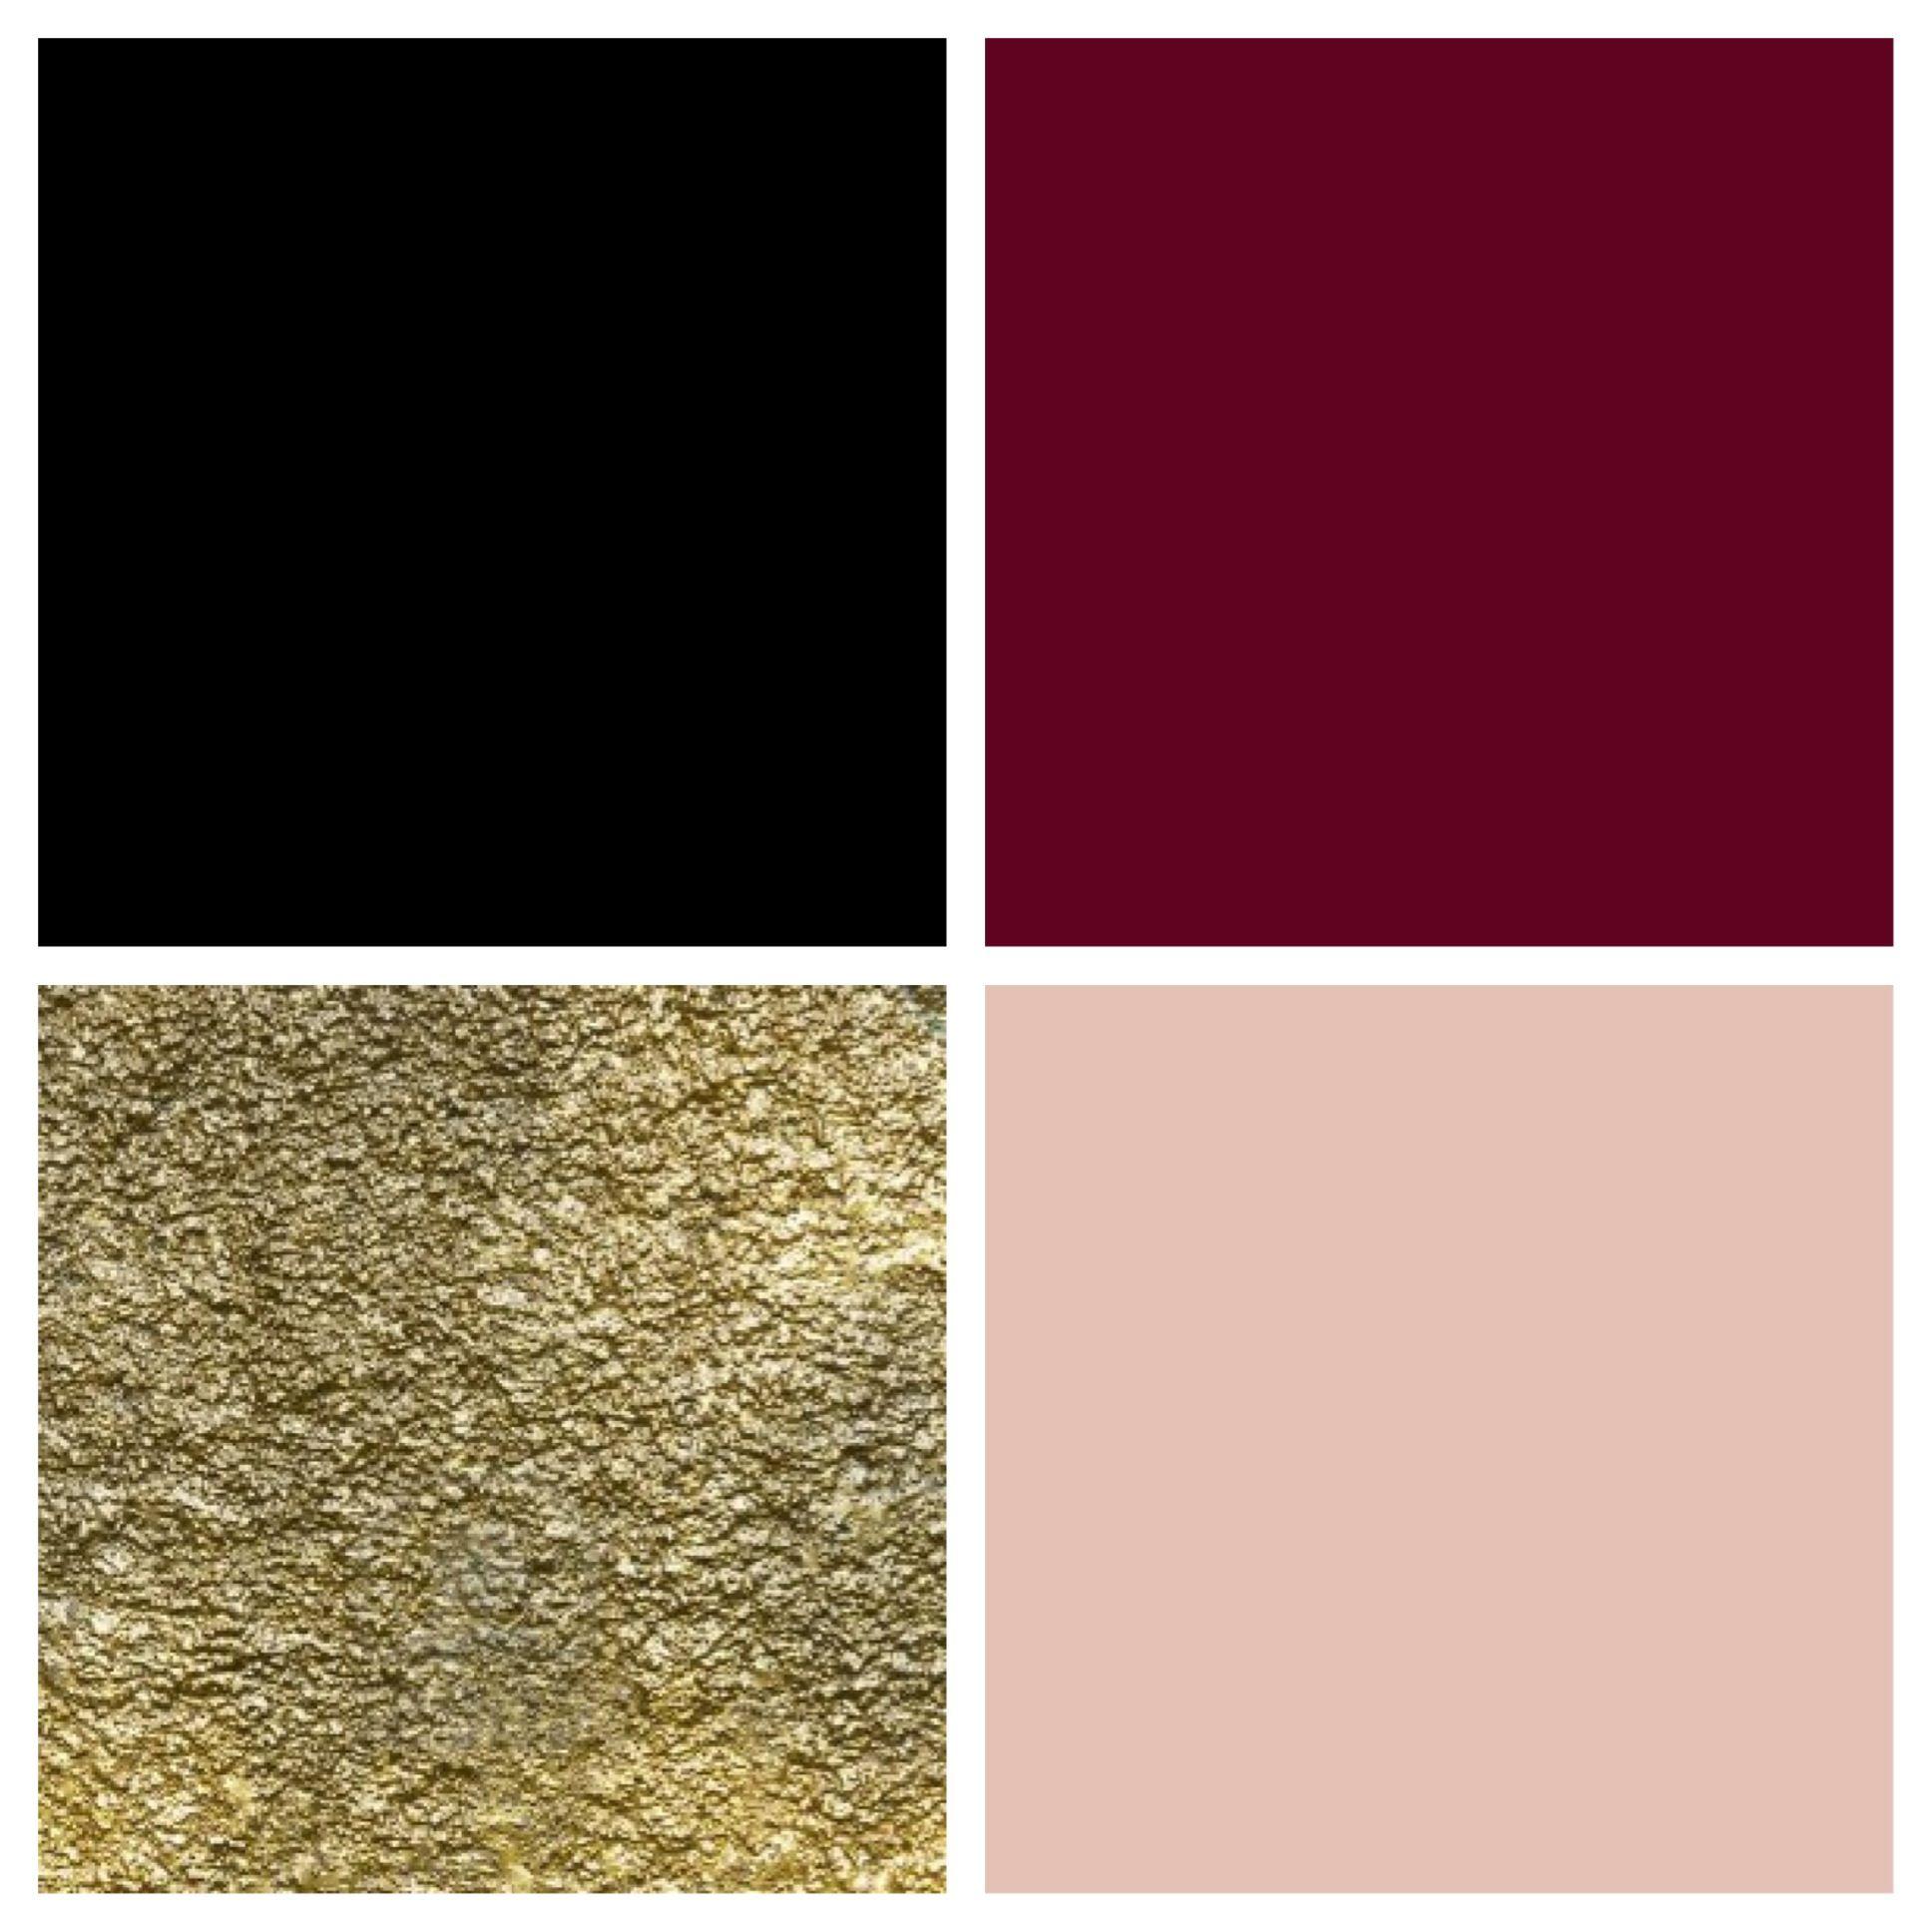 Theme color palette: black, bordeaux, gold & blush. mit weiß anstatt schwarz und Gold nur als Akzentfarbe? Bzw. Gold und Bordeuax nur Akzente?